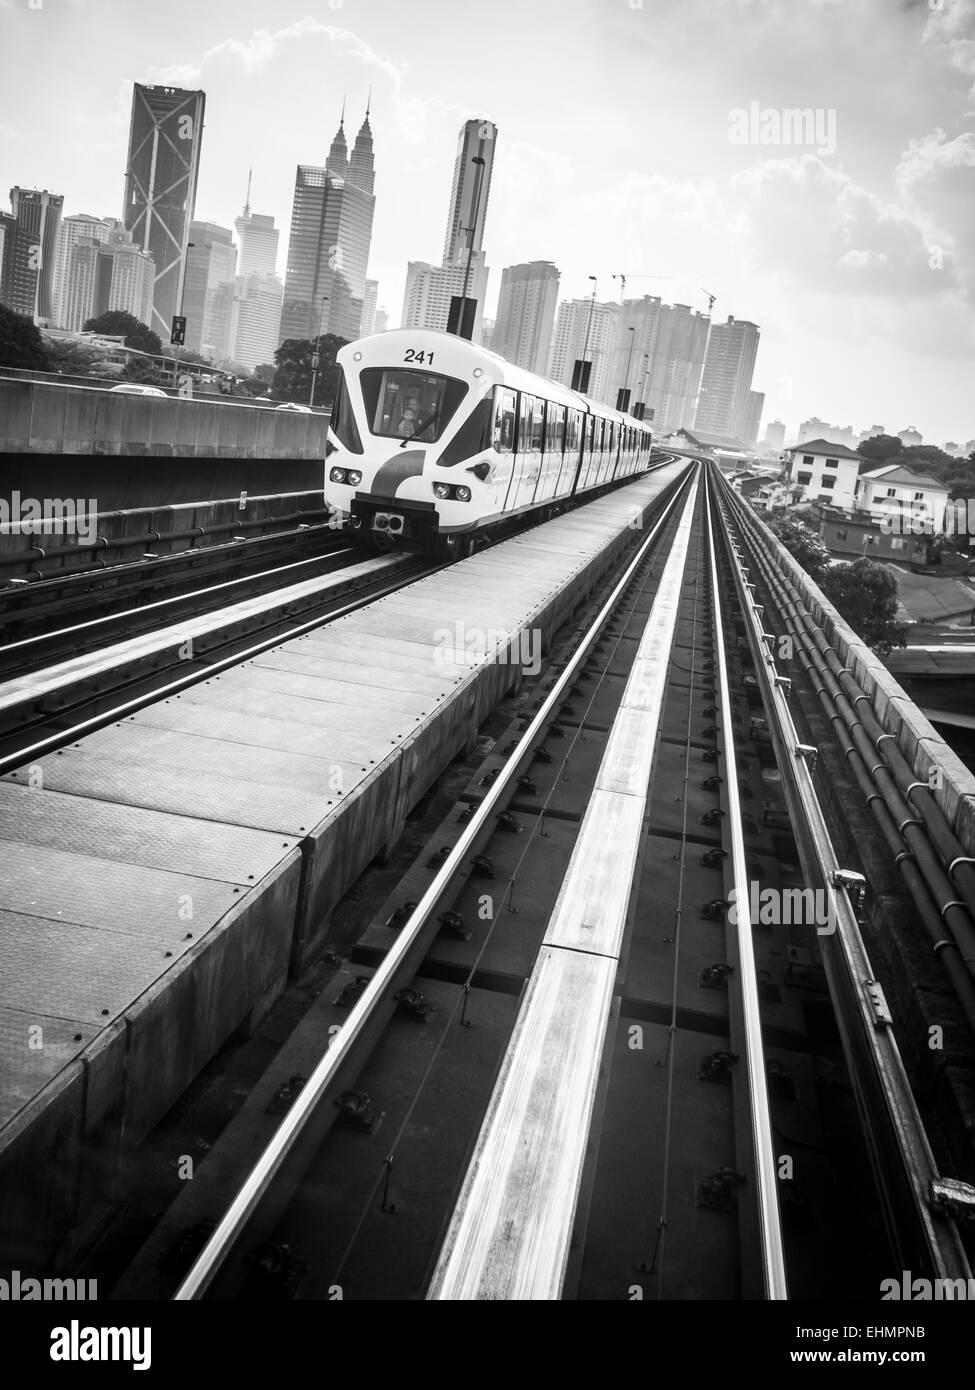 Rail tracks heading towards the city - Stock Image